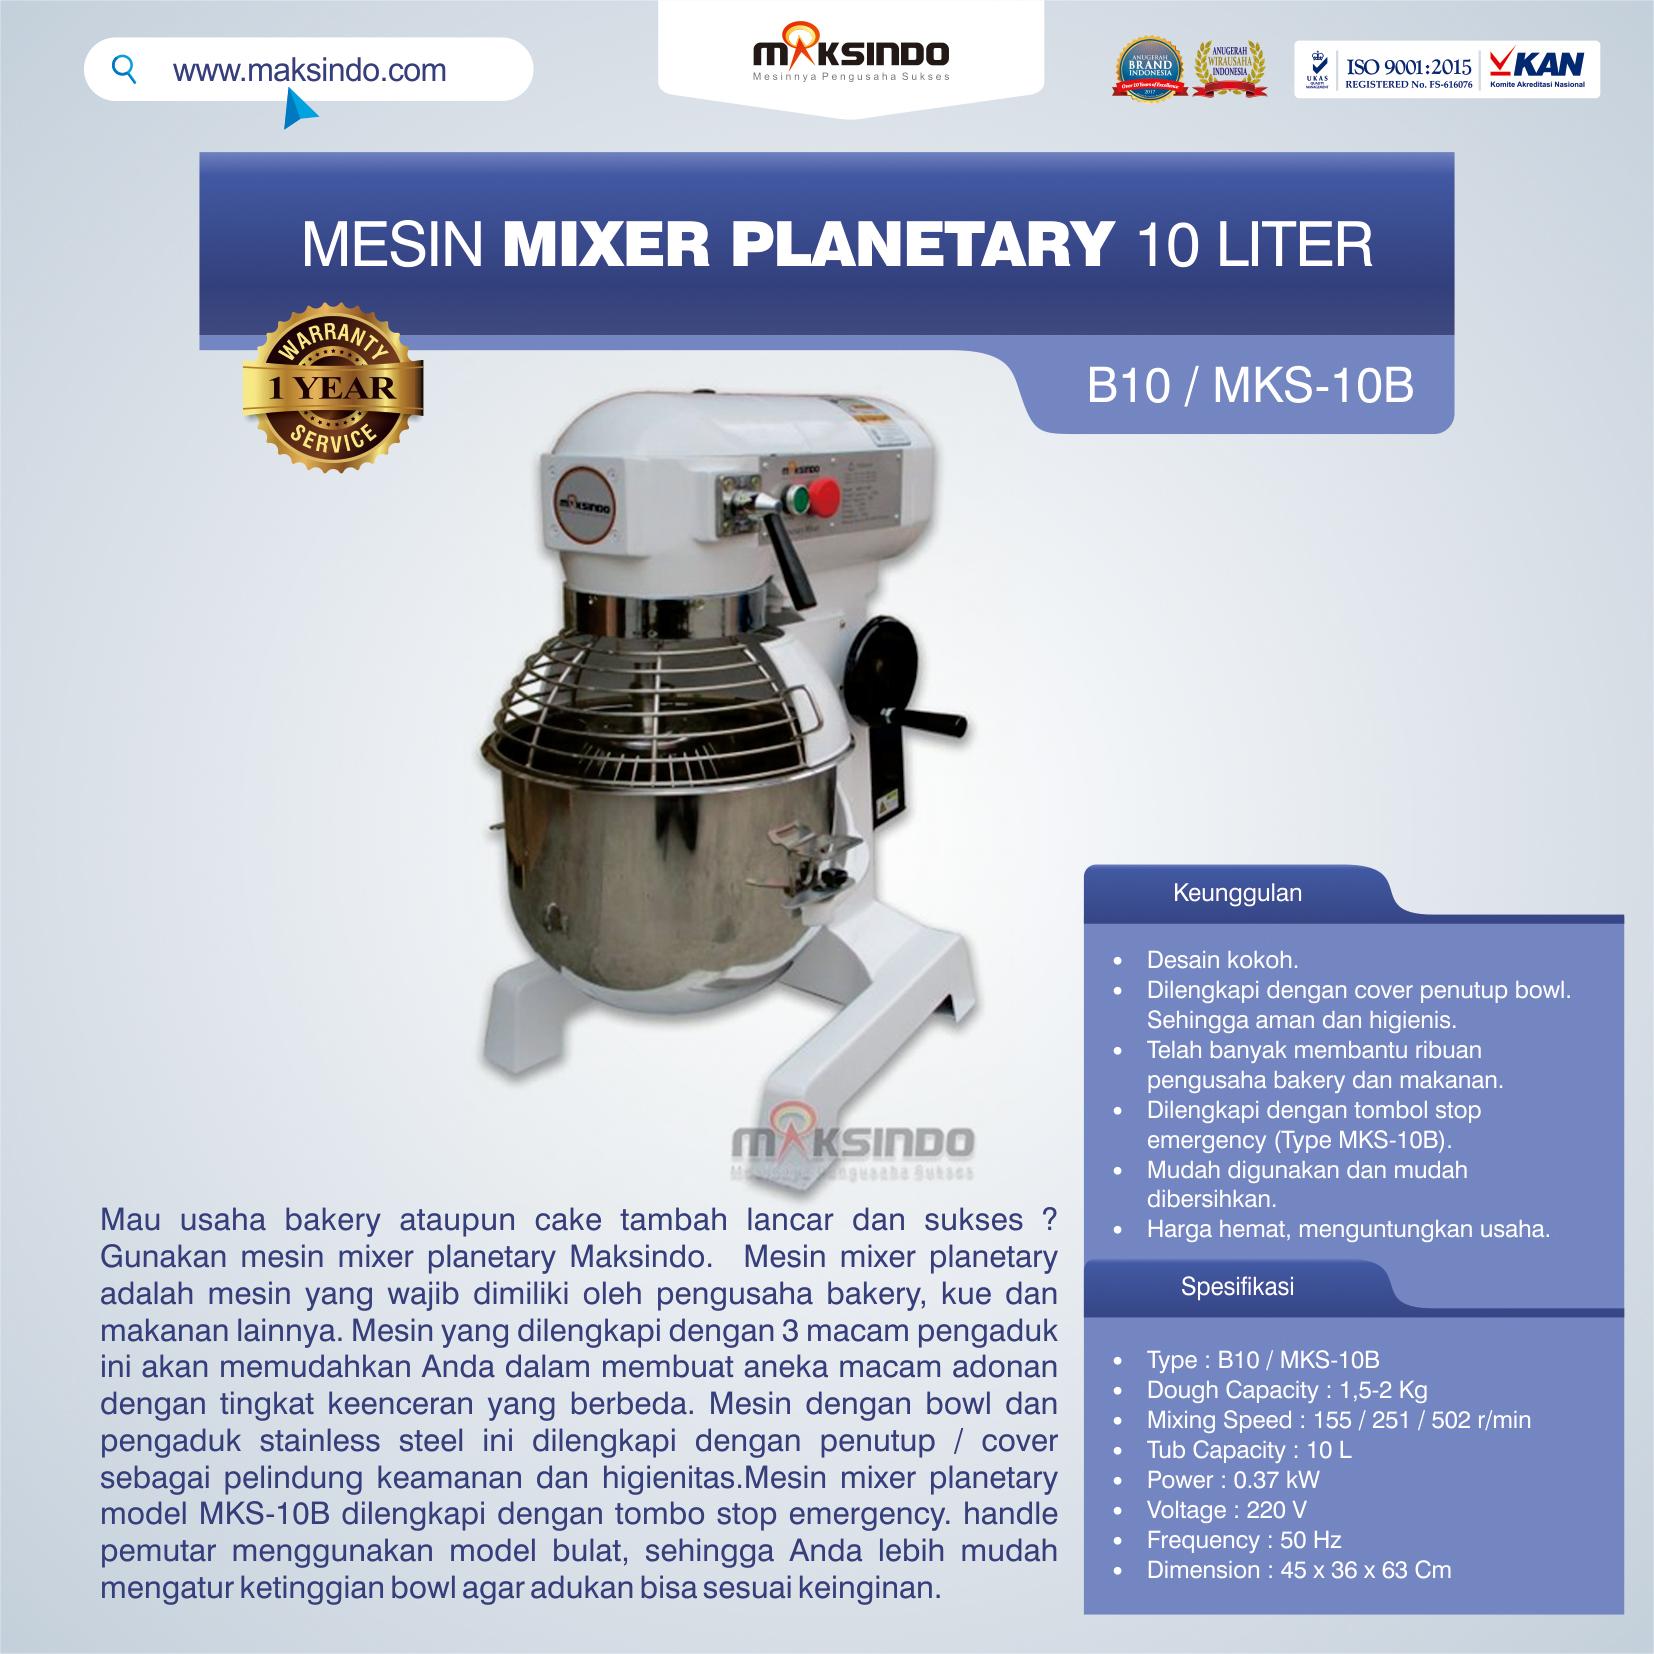 Jual Mesin Mixer Planetary 10 Liter (MKS-10B) di Medan